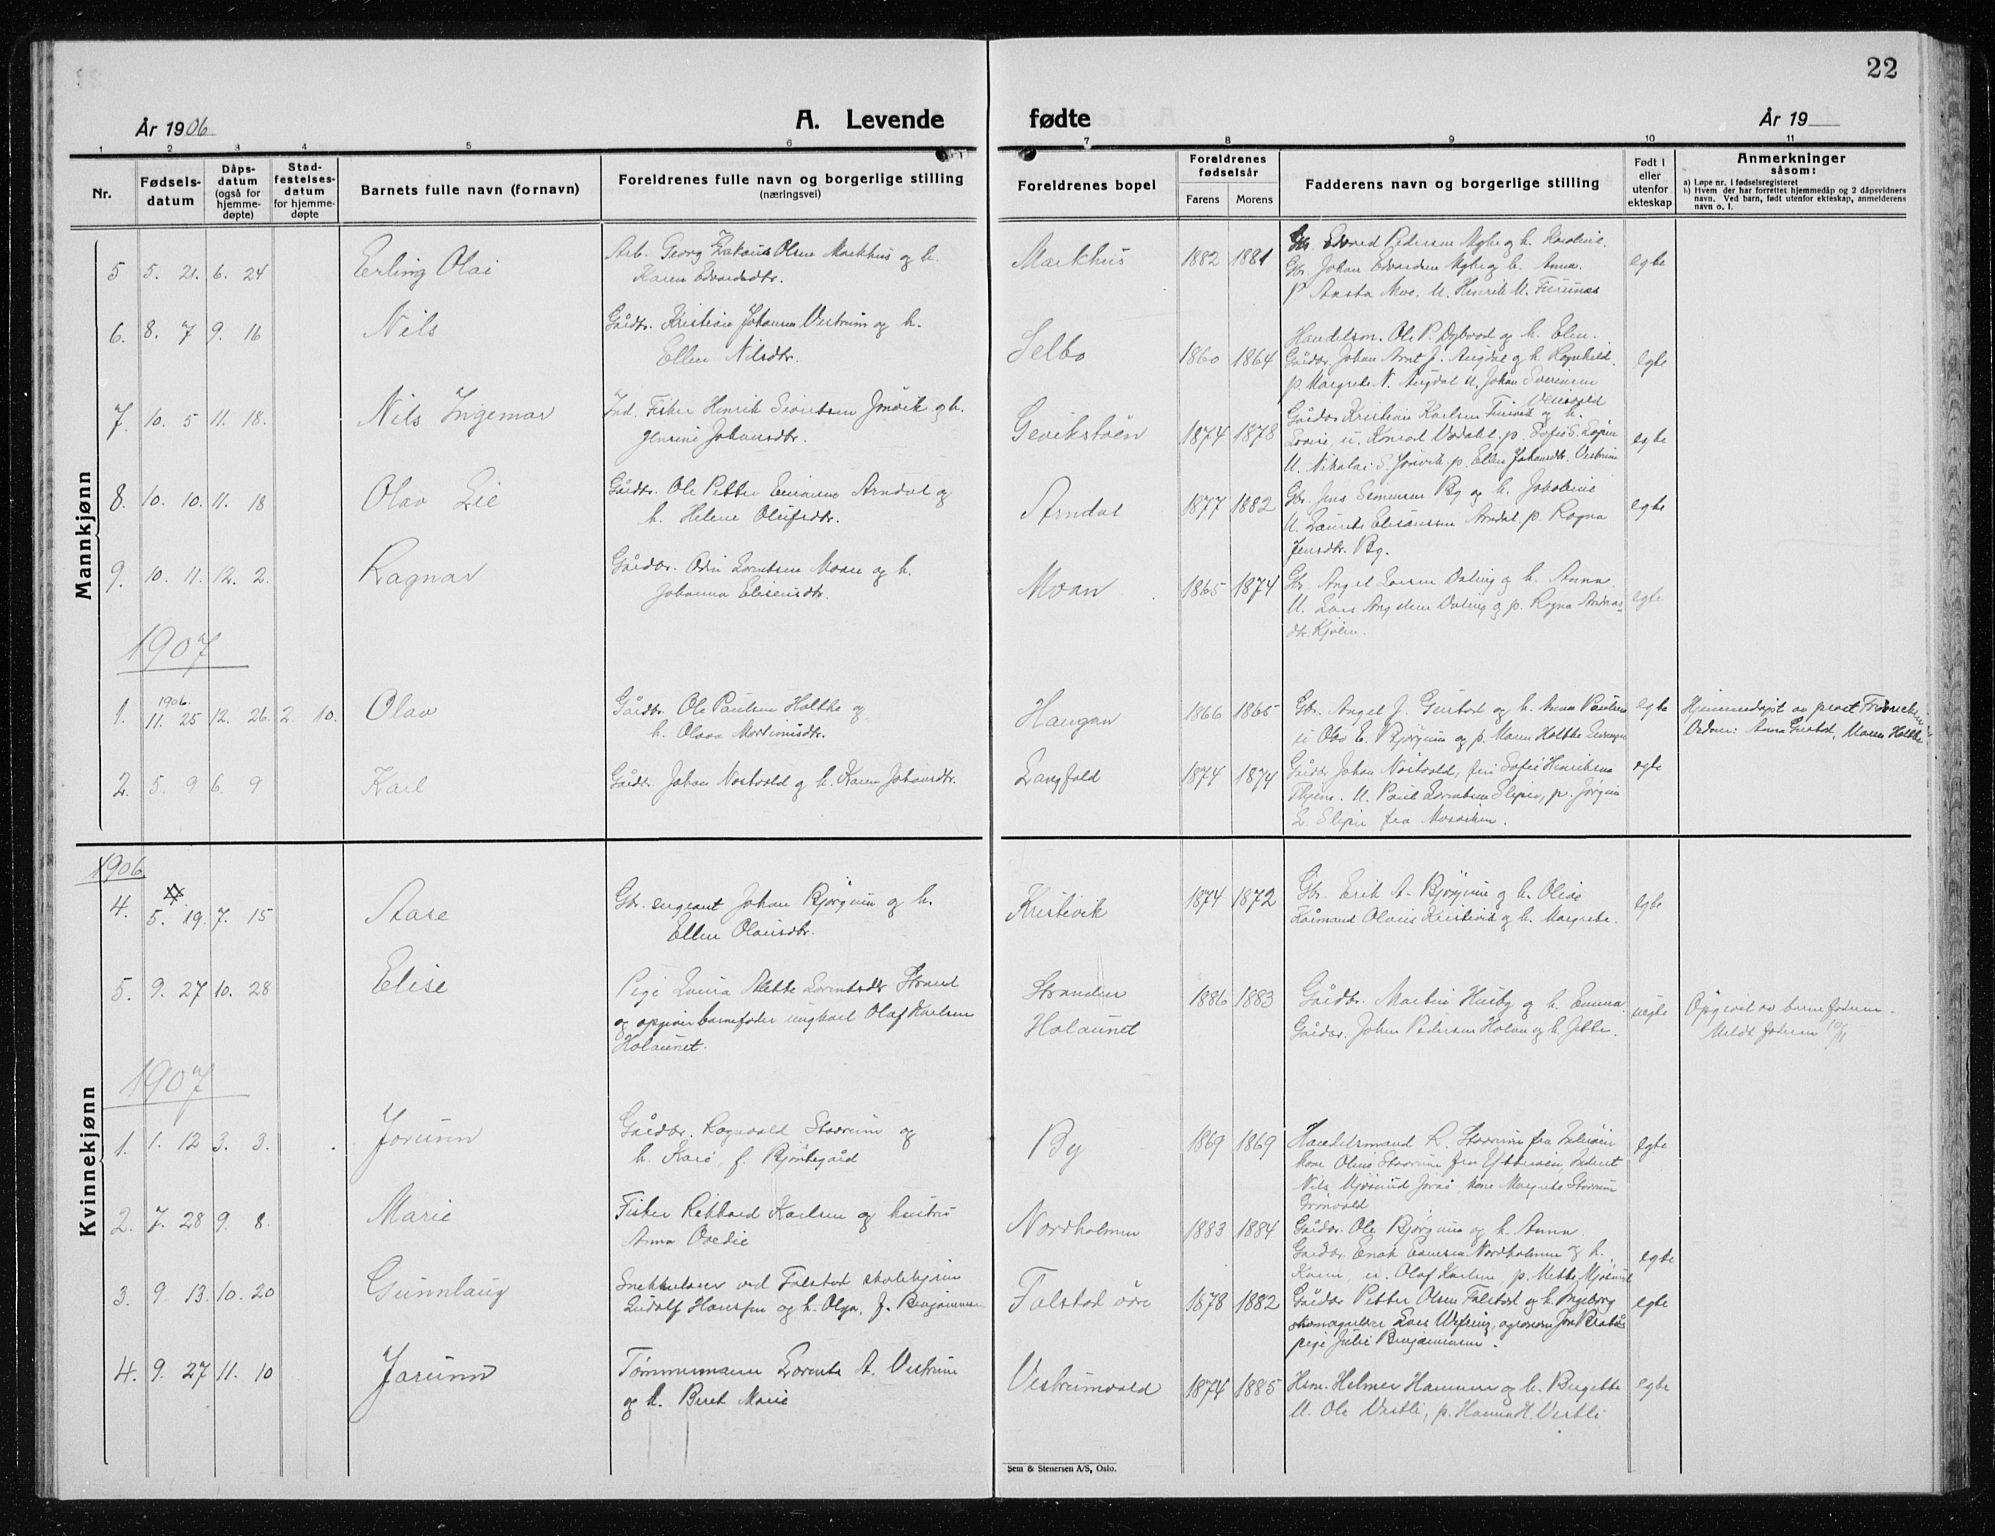 SAT, Ministerialprotokoller, klokkerbøker og fødselsregistre - Nord-Trøndelag, 719/L0180: Klokkerbok nr. 719C01, 1878-1940, s. 22